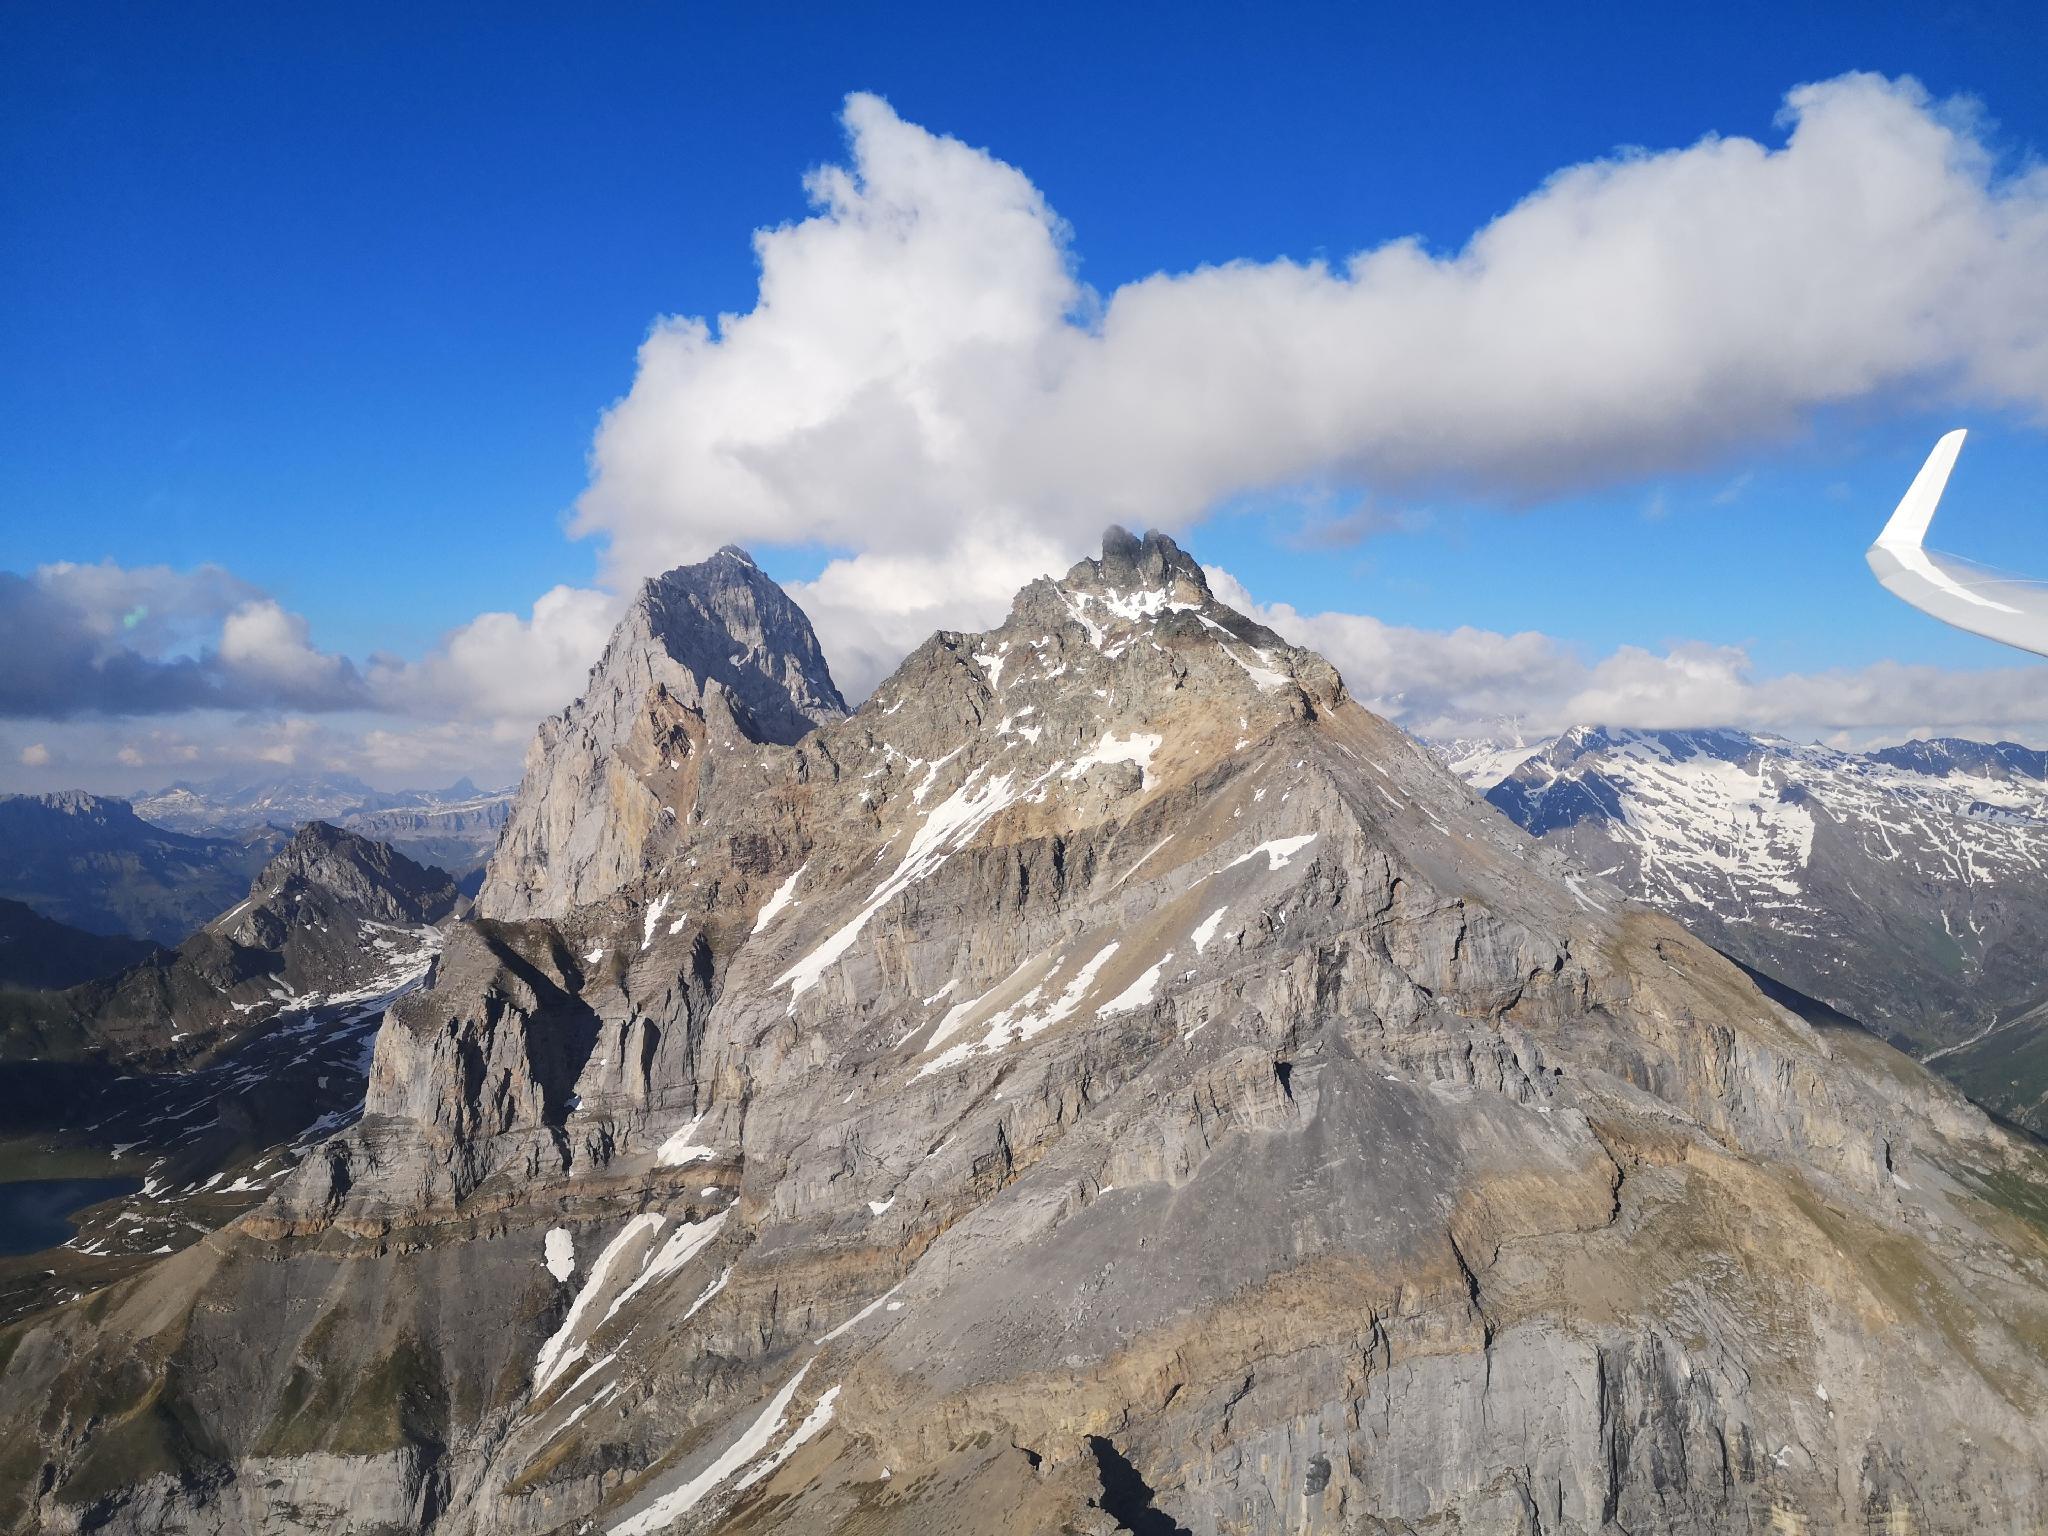 Gute Bedingungen in den Alpen